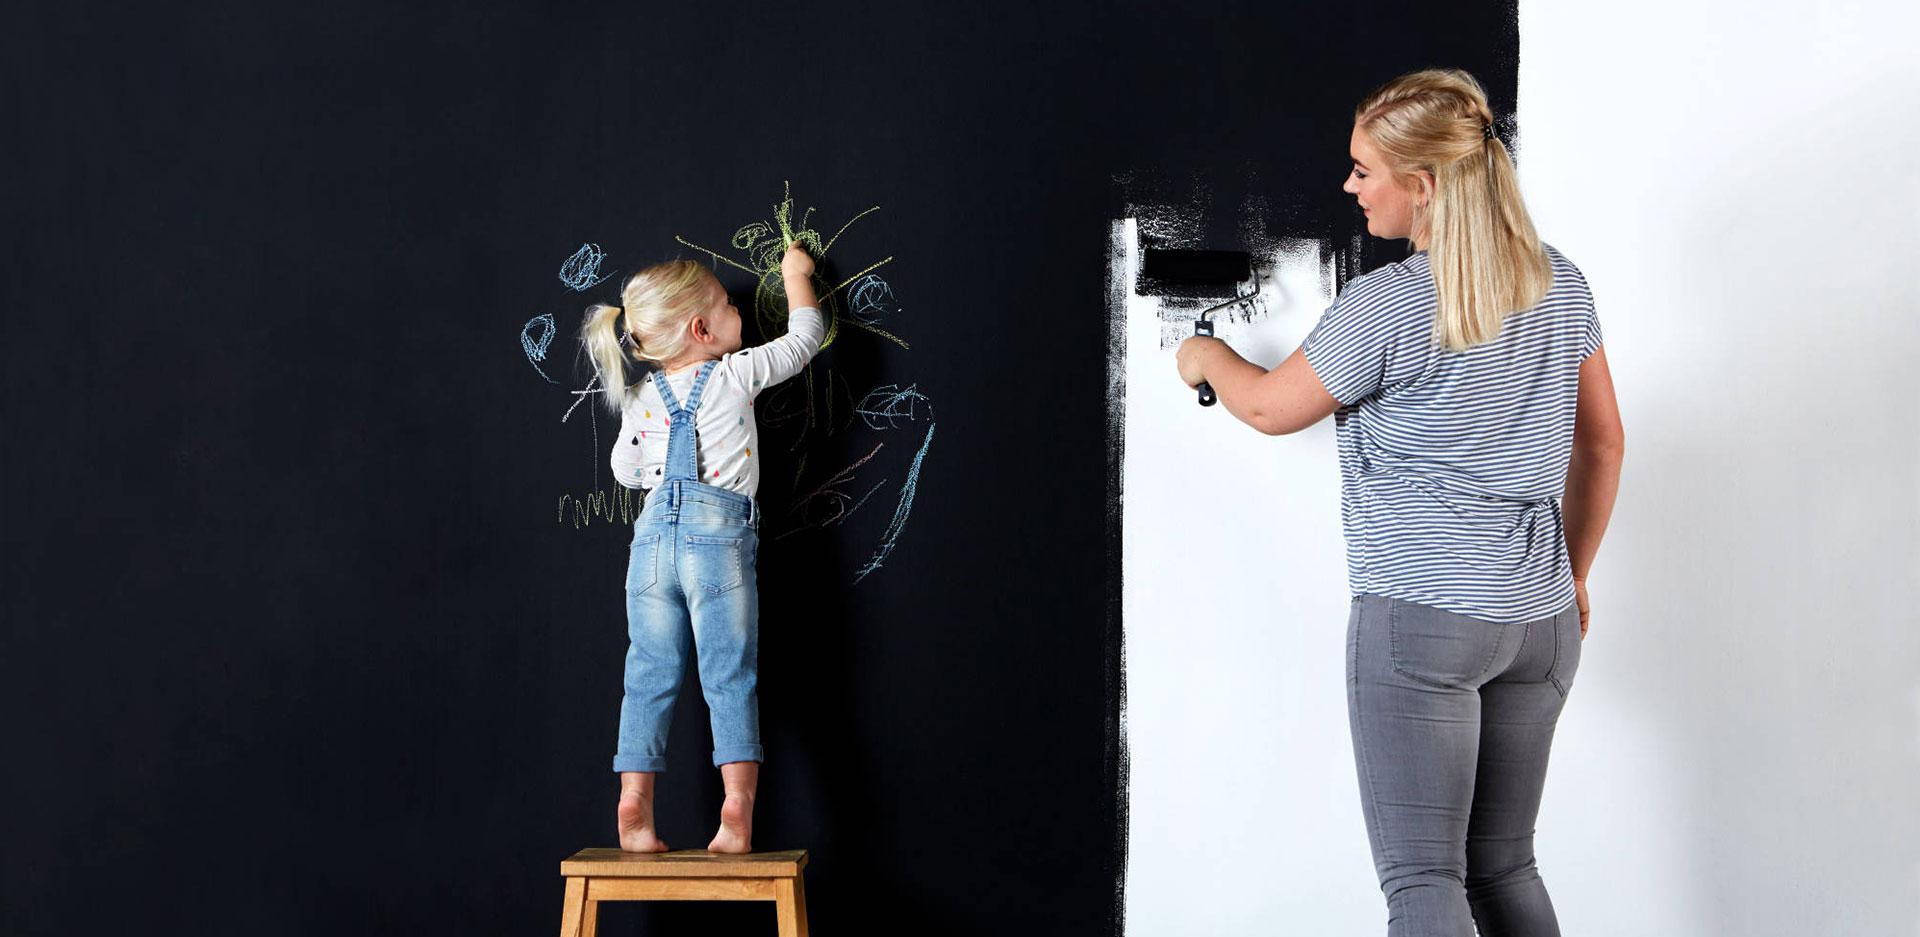 رنگ معناطیسی در مهدکودک